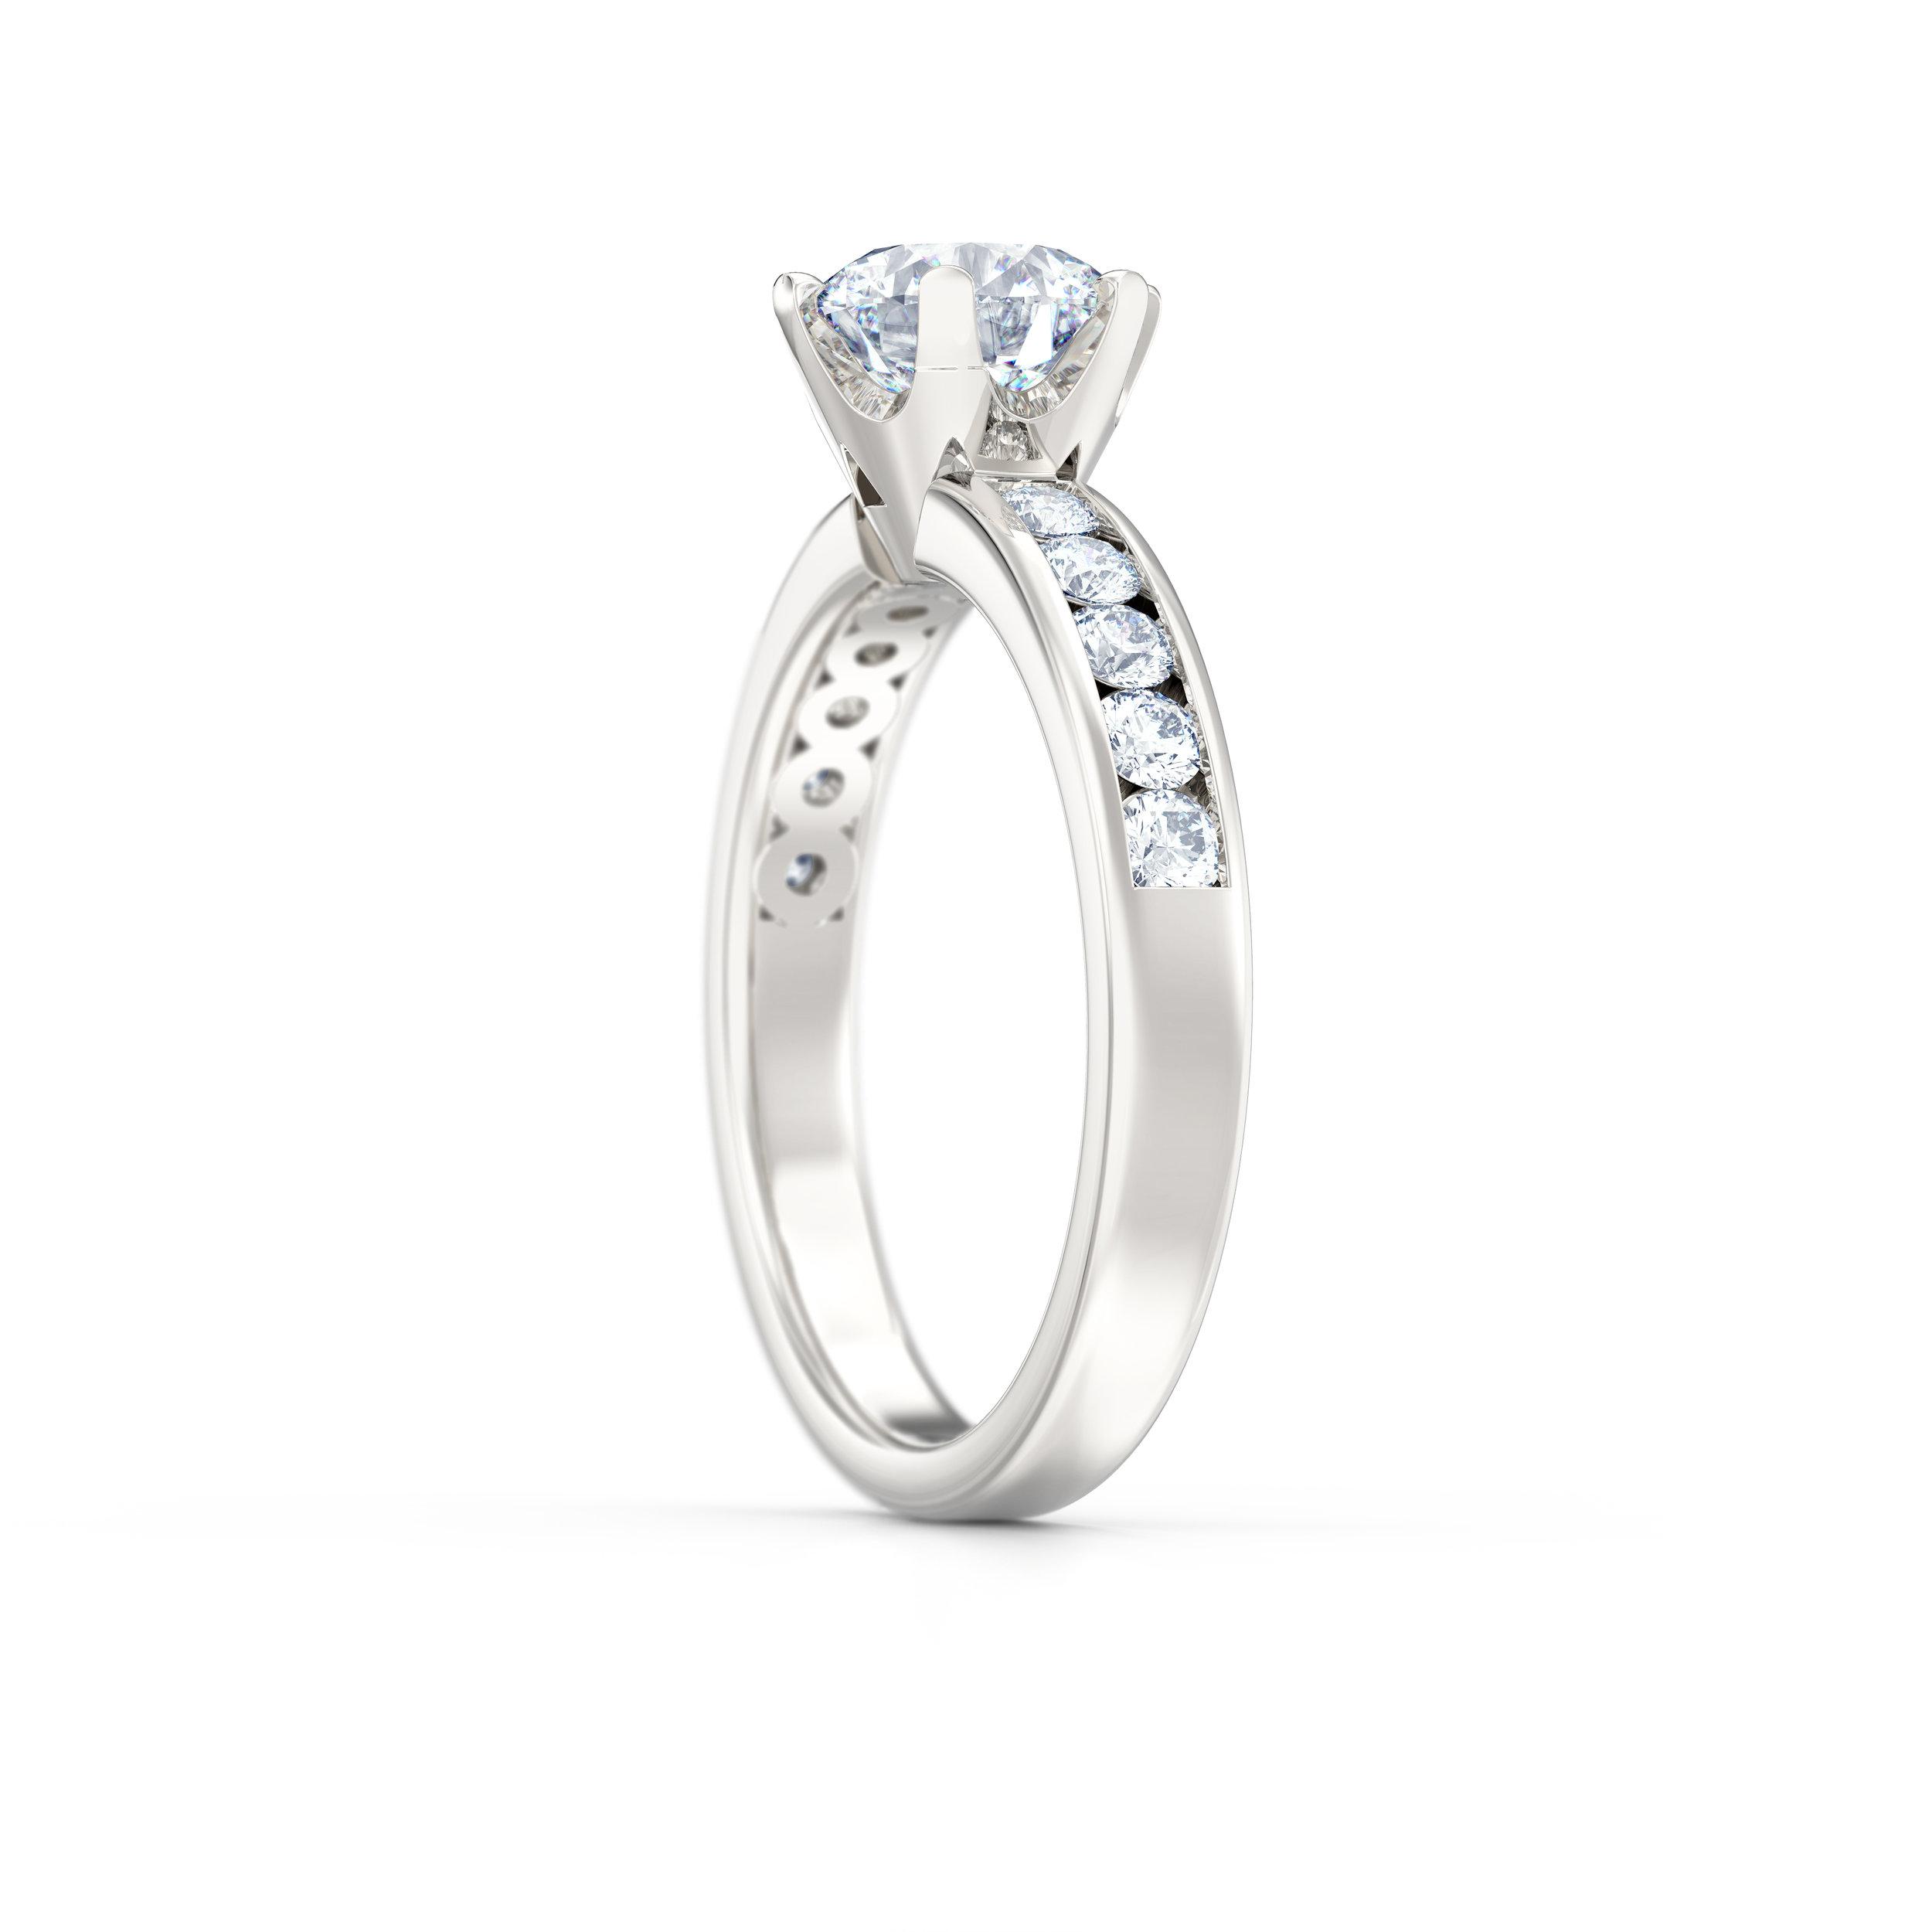 Brilliant cut channel set diamond shoulder engagement ring